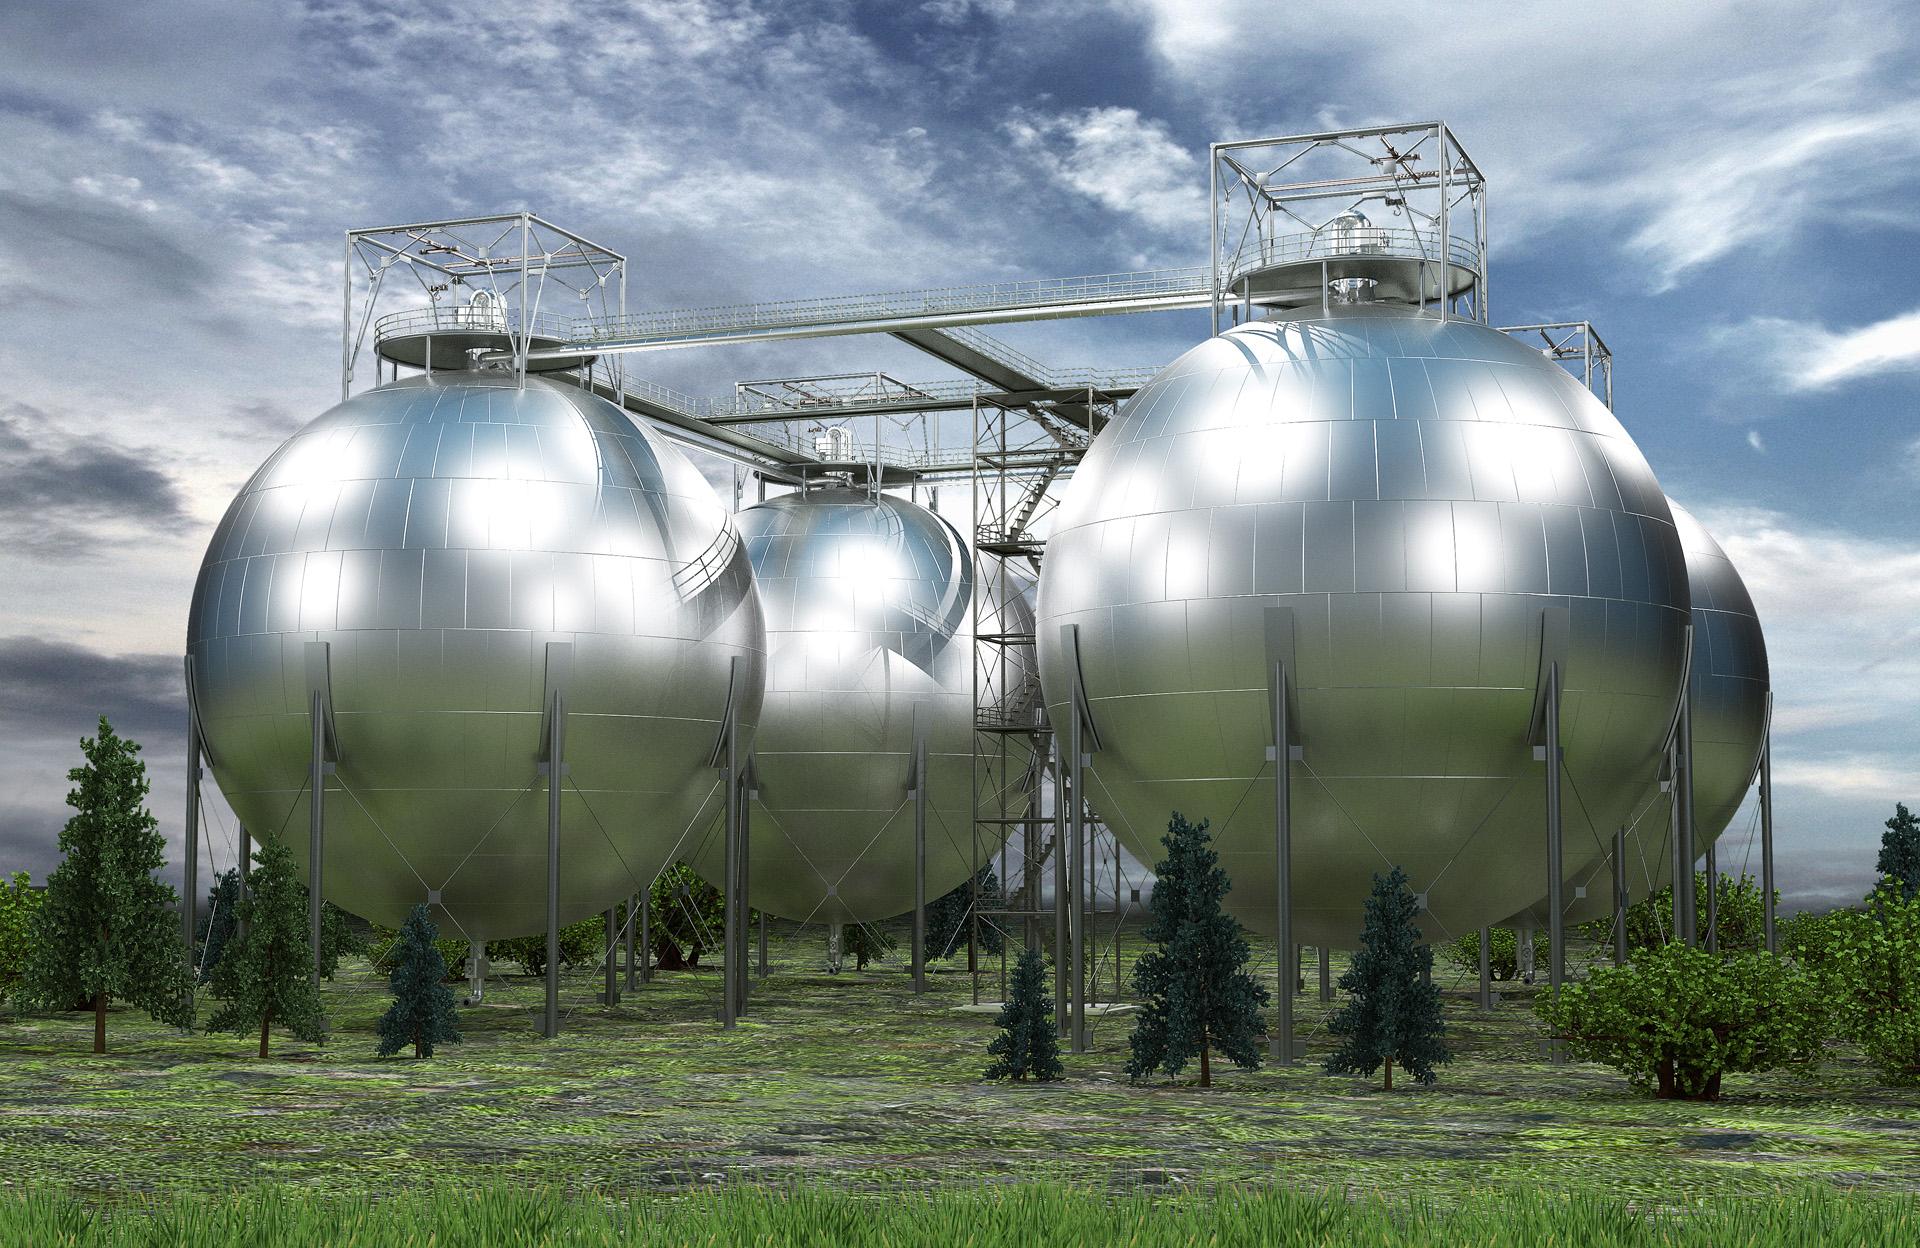 Завод по хранению нефте-газопродуктов_БСК_04